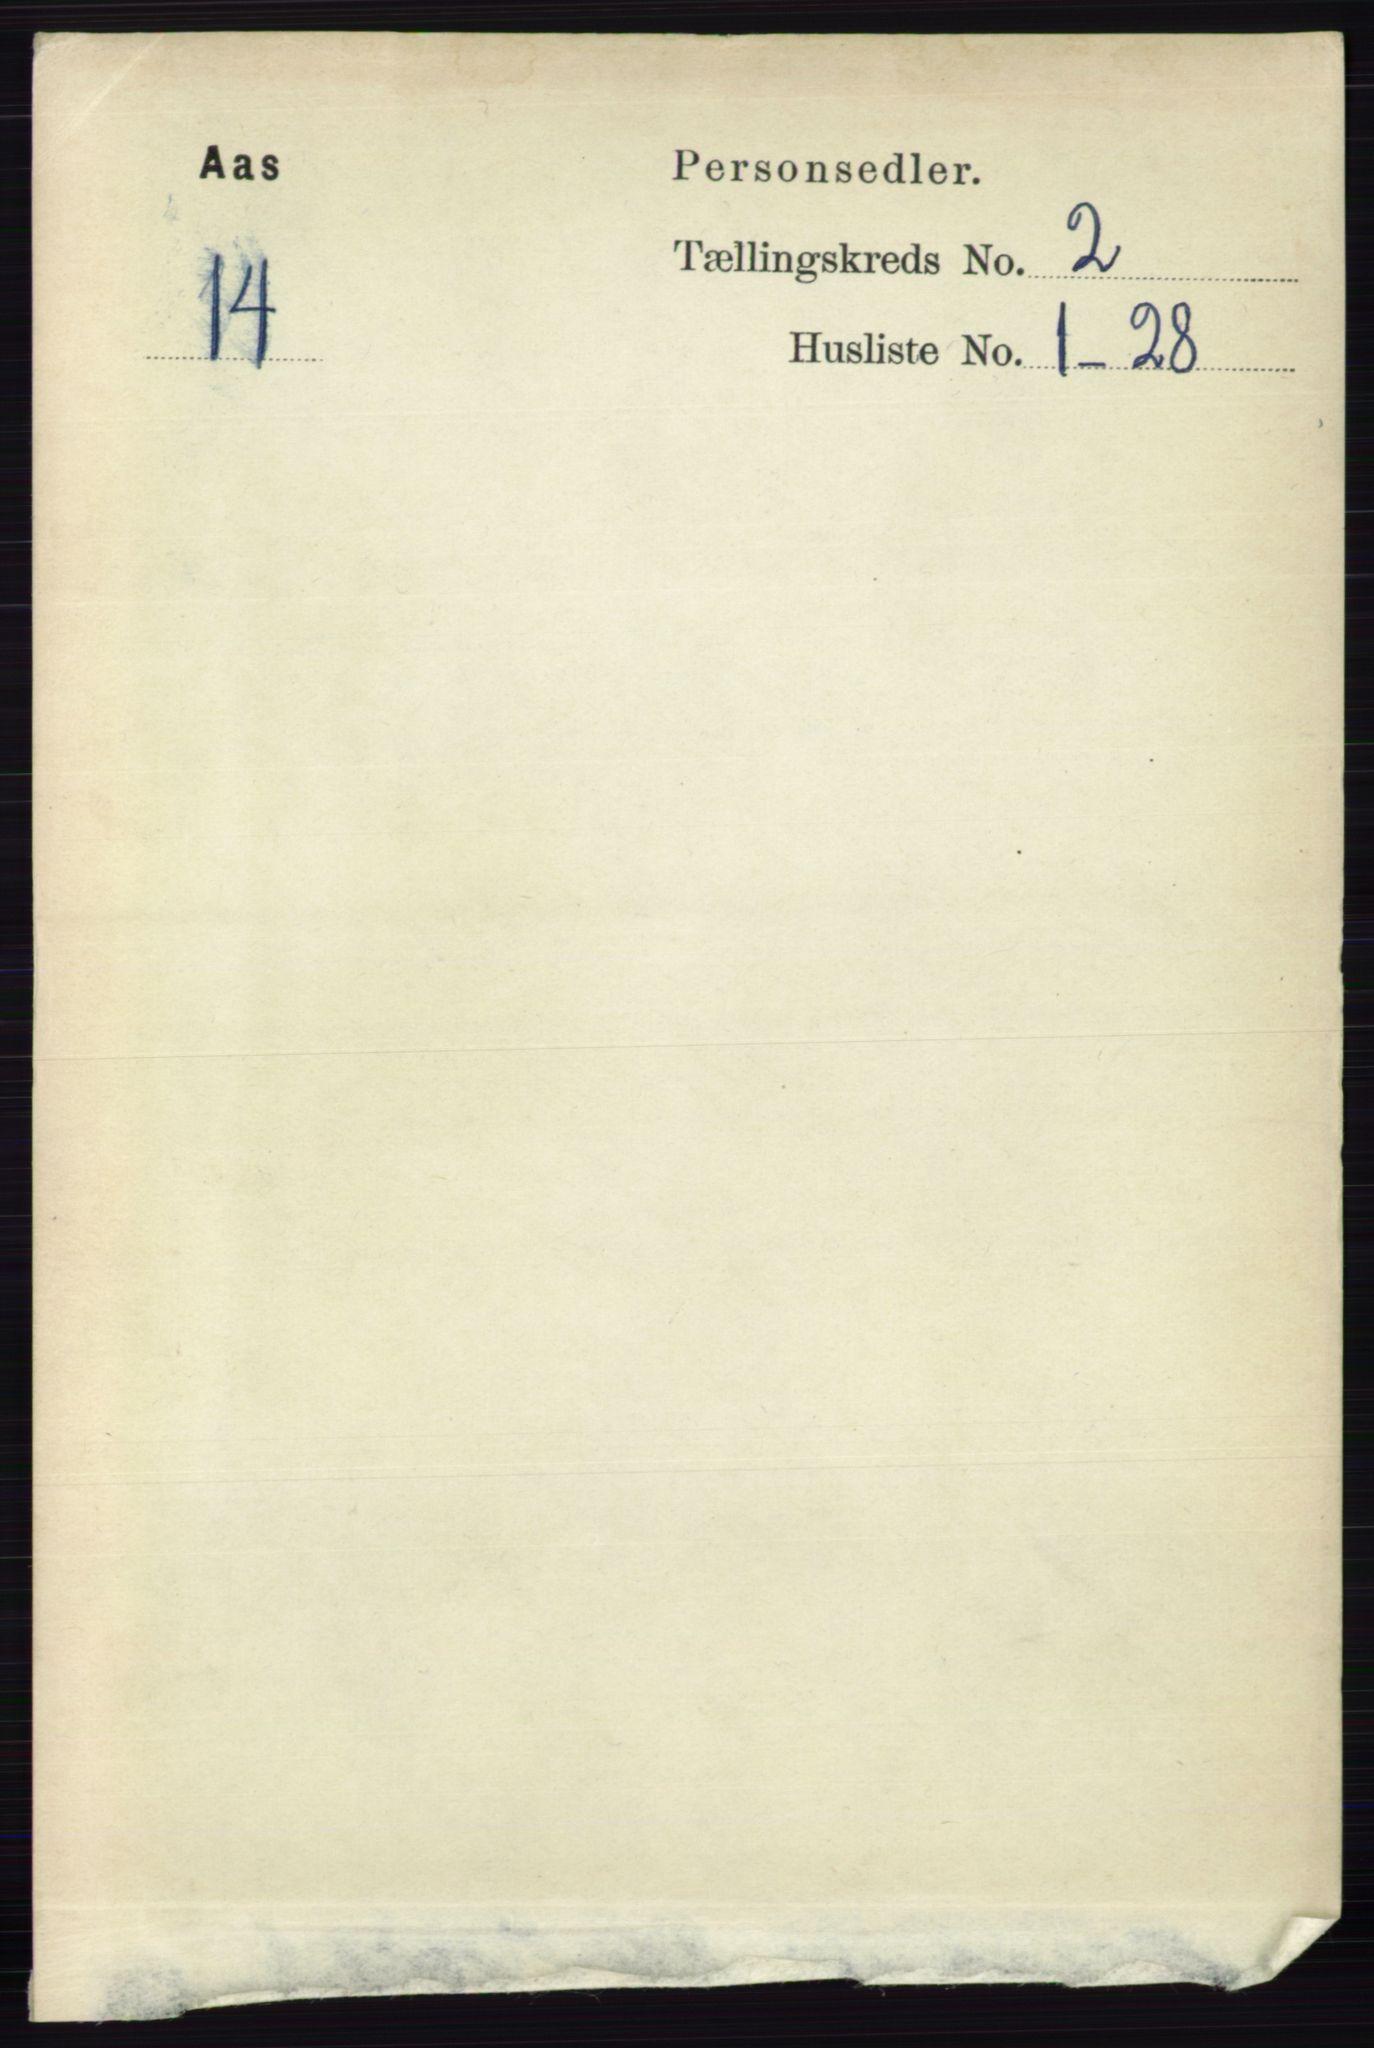 RA, Folketelling 1891 for 0214 Ås herred, 1891, s. 1574